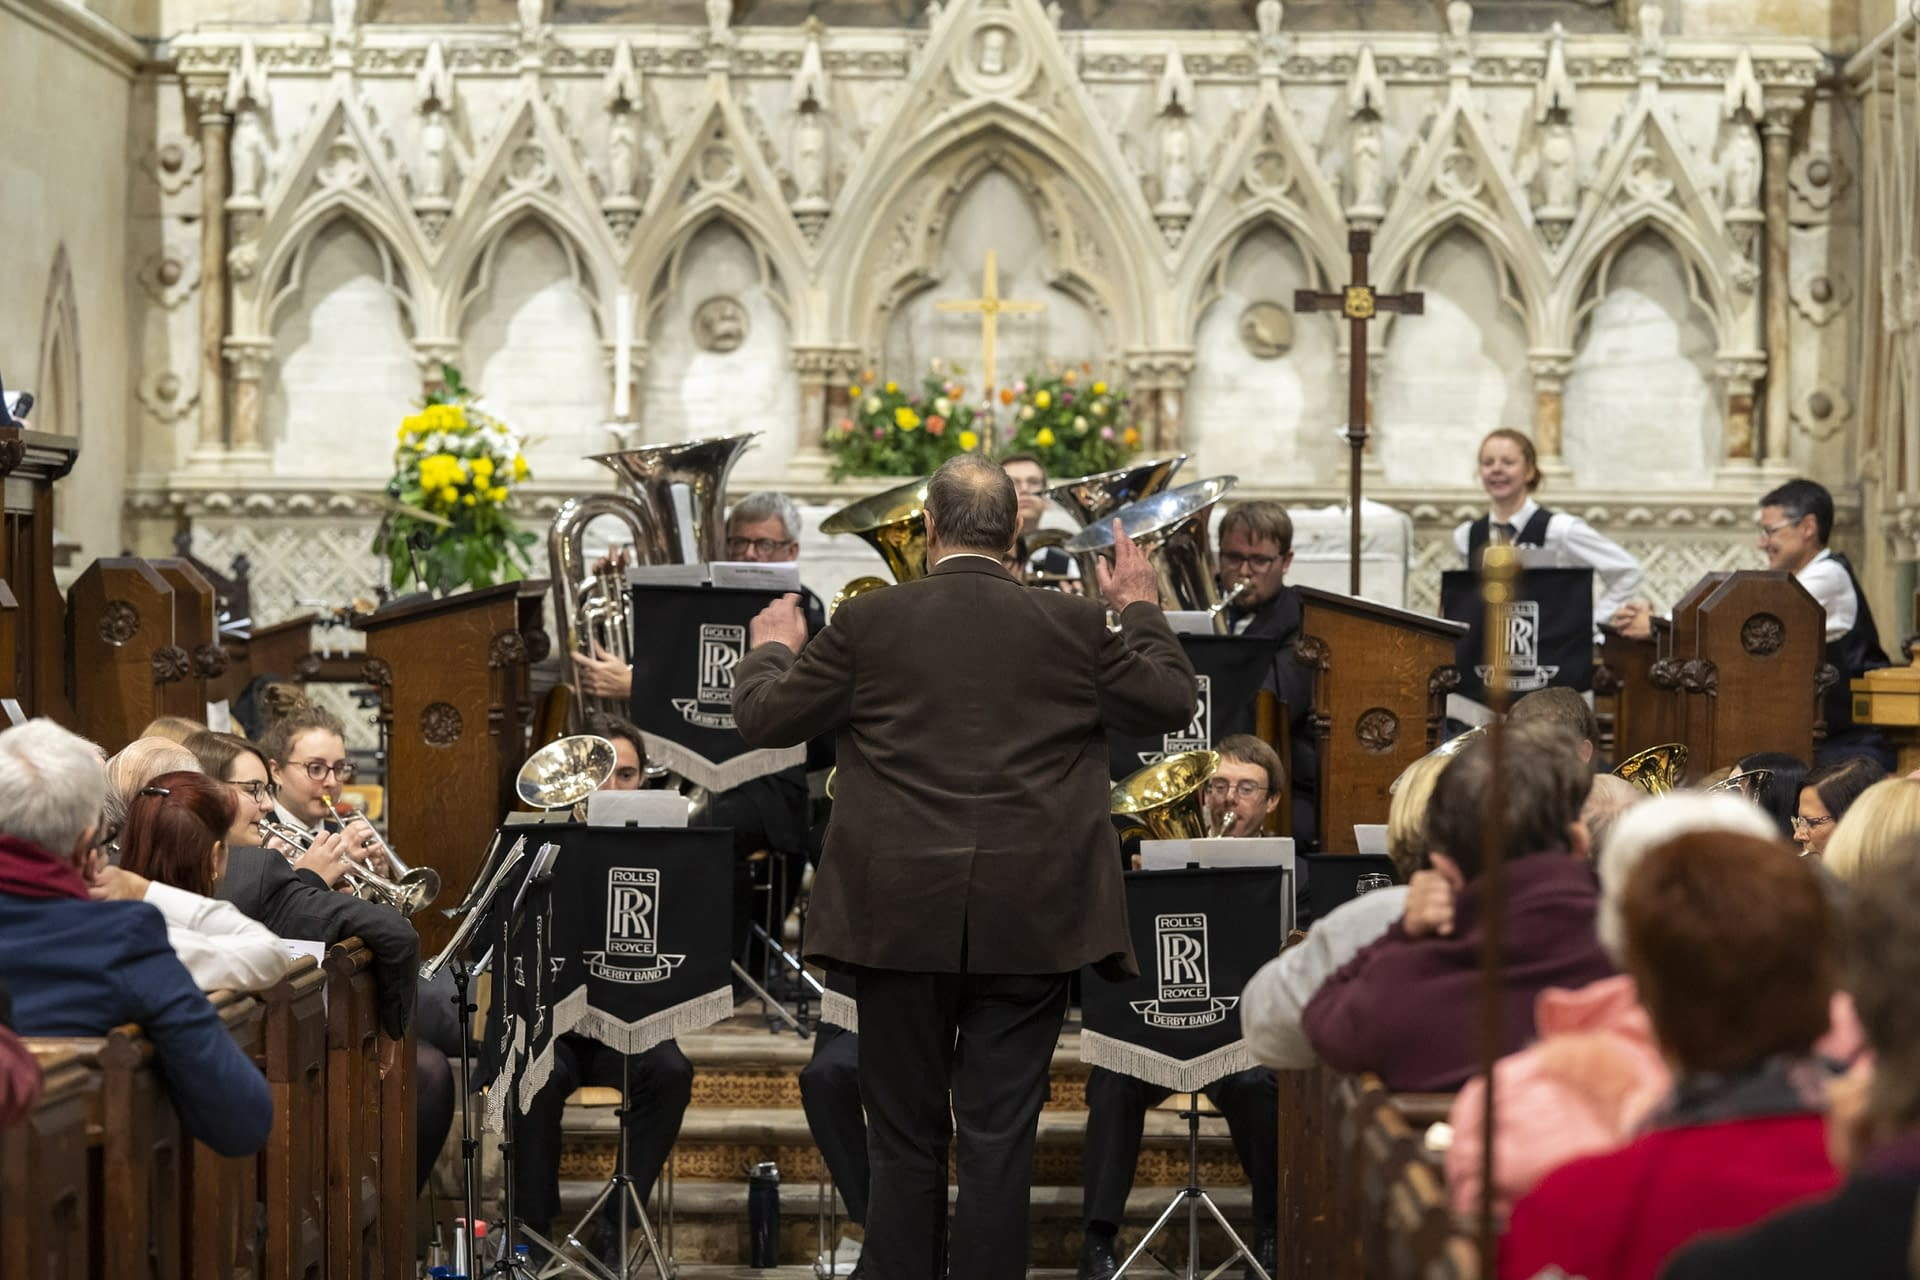 Rolls Royce Brass Band Concert 2019